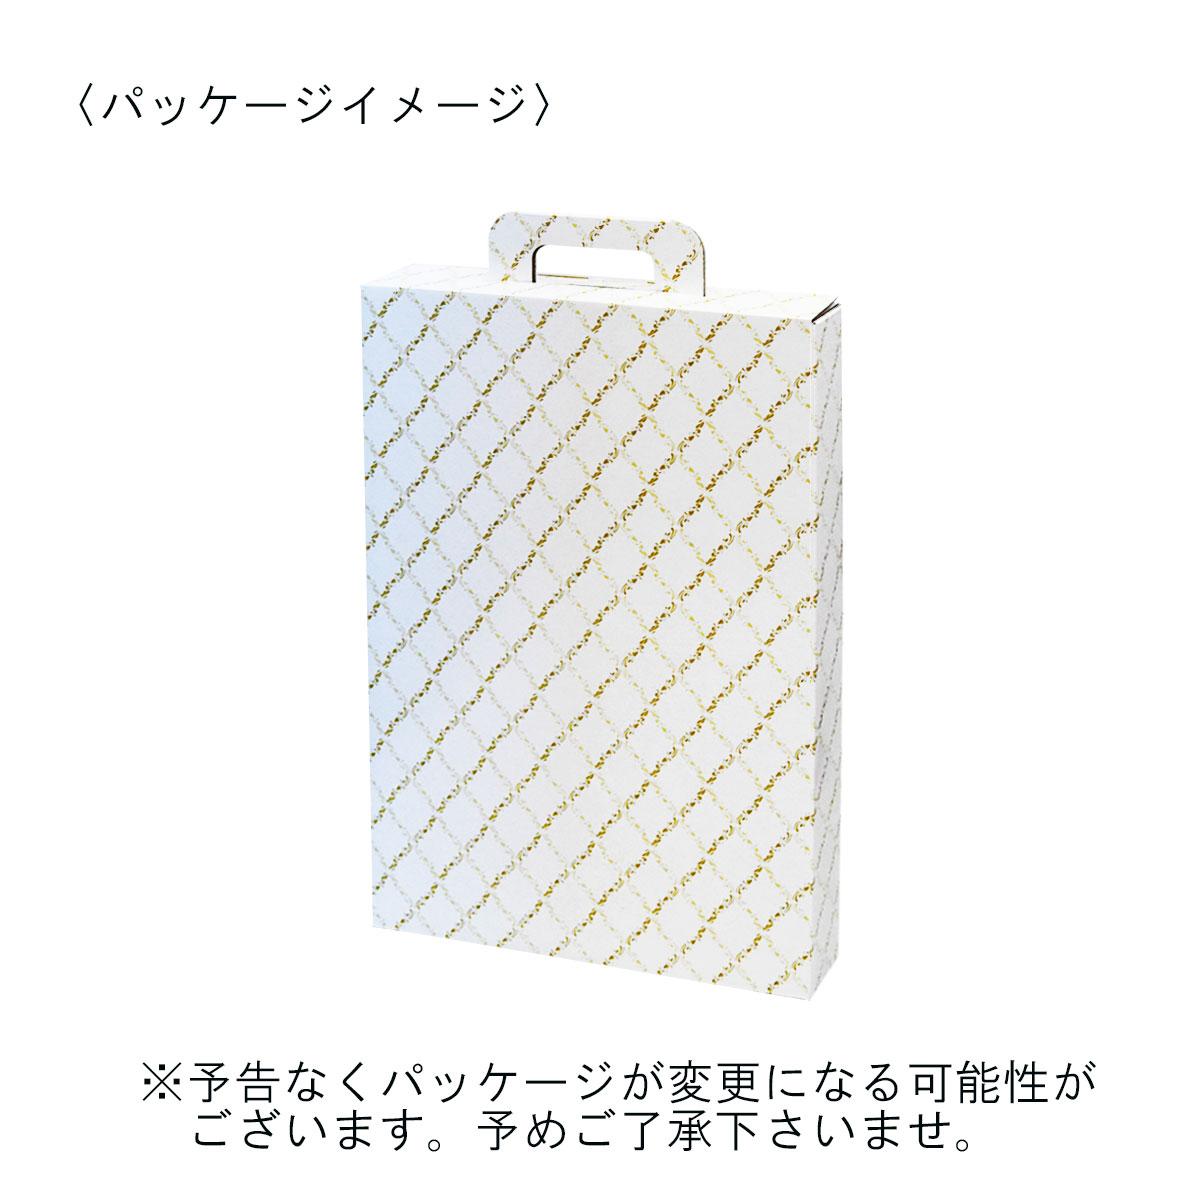 木製ハンガー 15mm厚 生地(塗装無)男性用・女性用